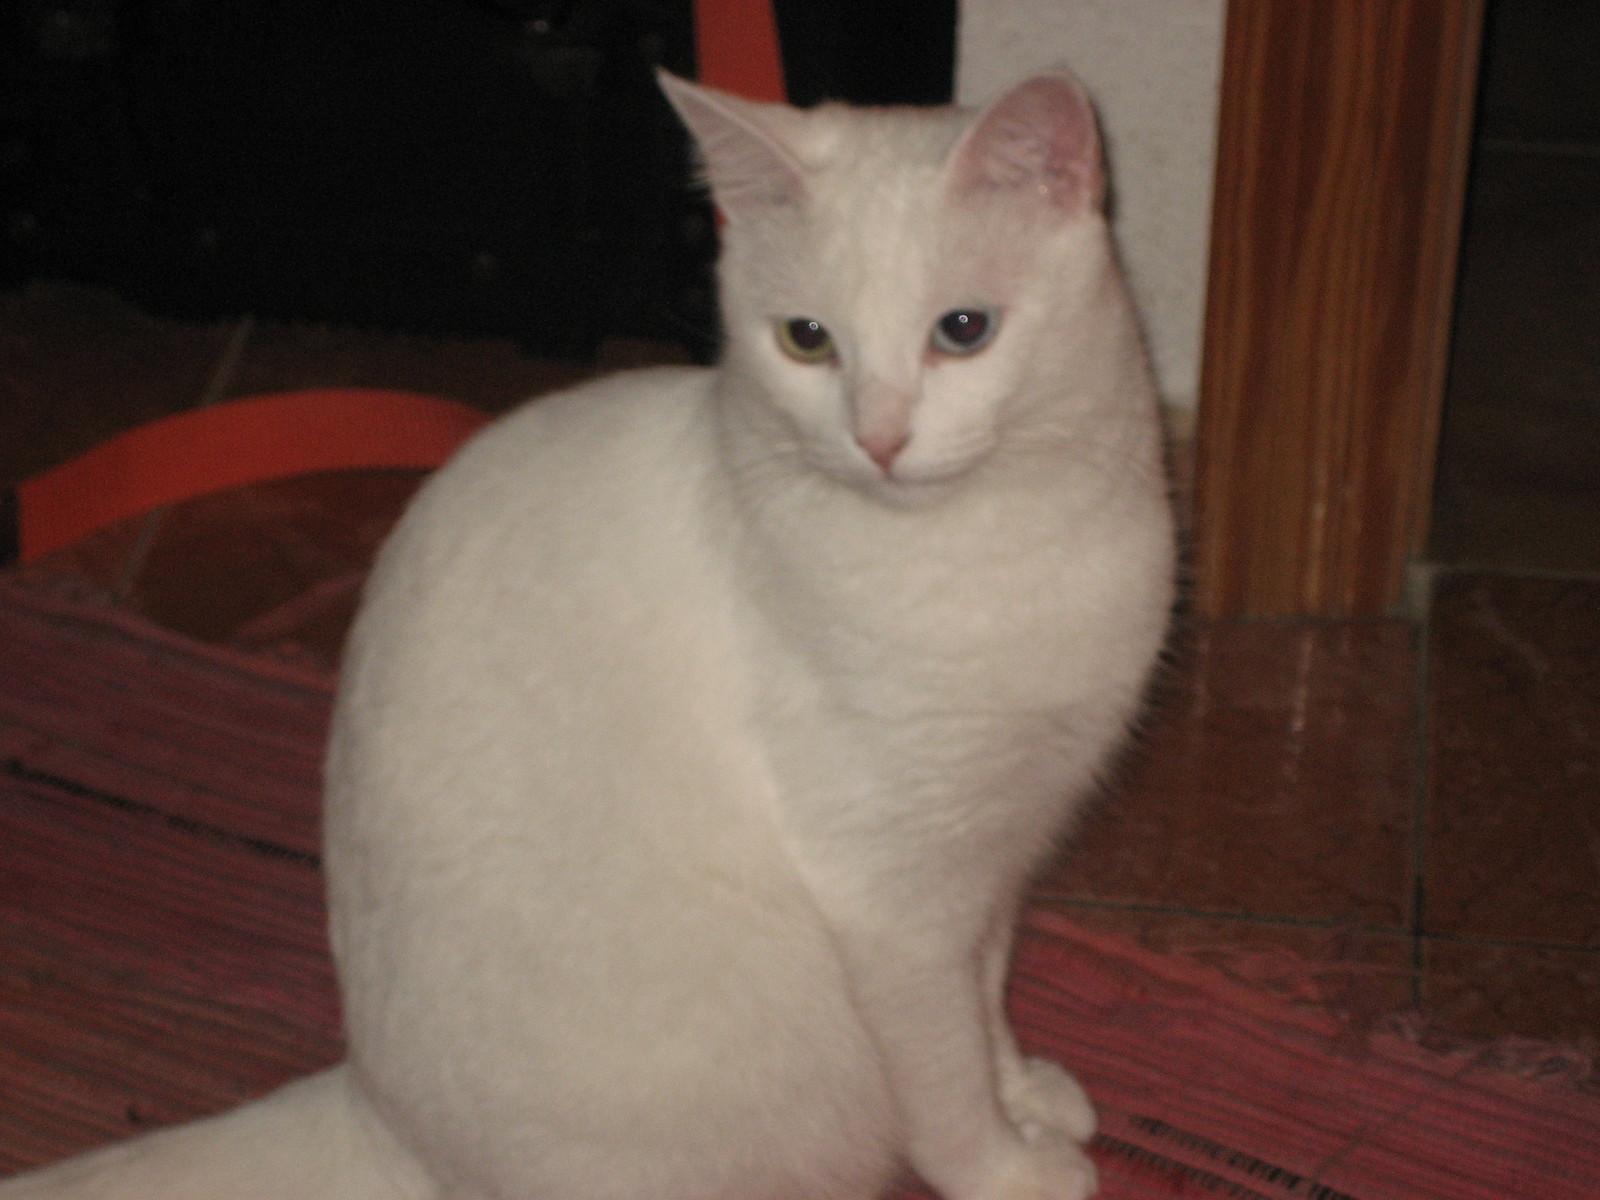 Copita, una gatita con suerte. Sería lindo si todos los gatos y perros tuvieran una familia que los quiera mucho.